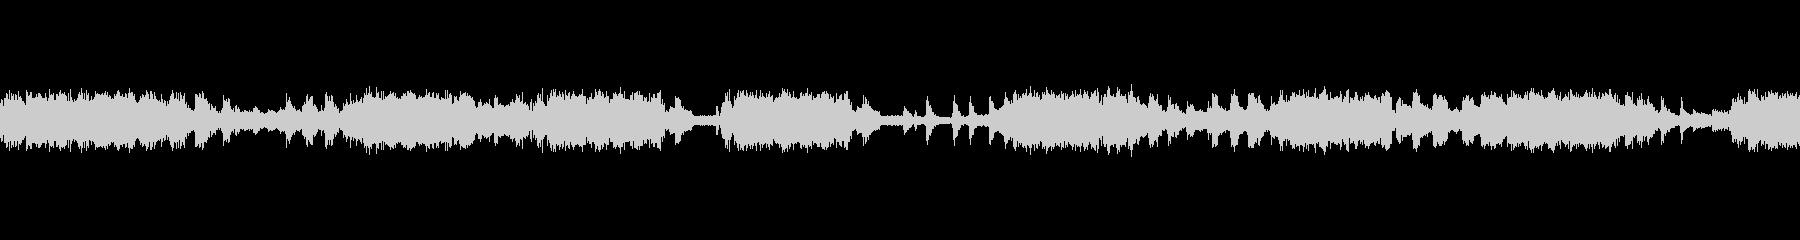 コオロギの泣声の未再生の波形